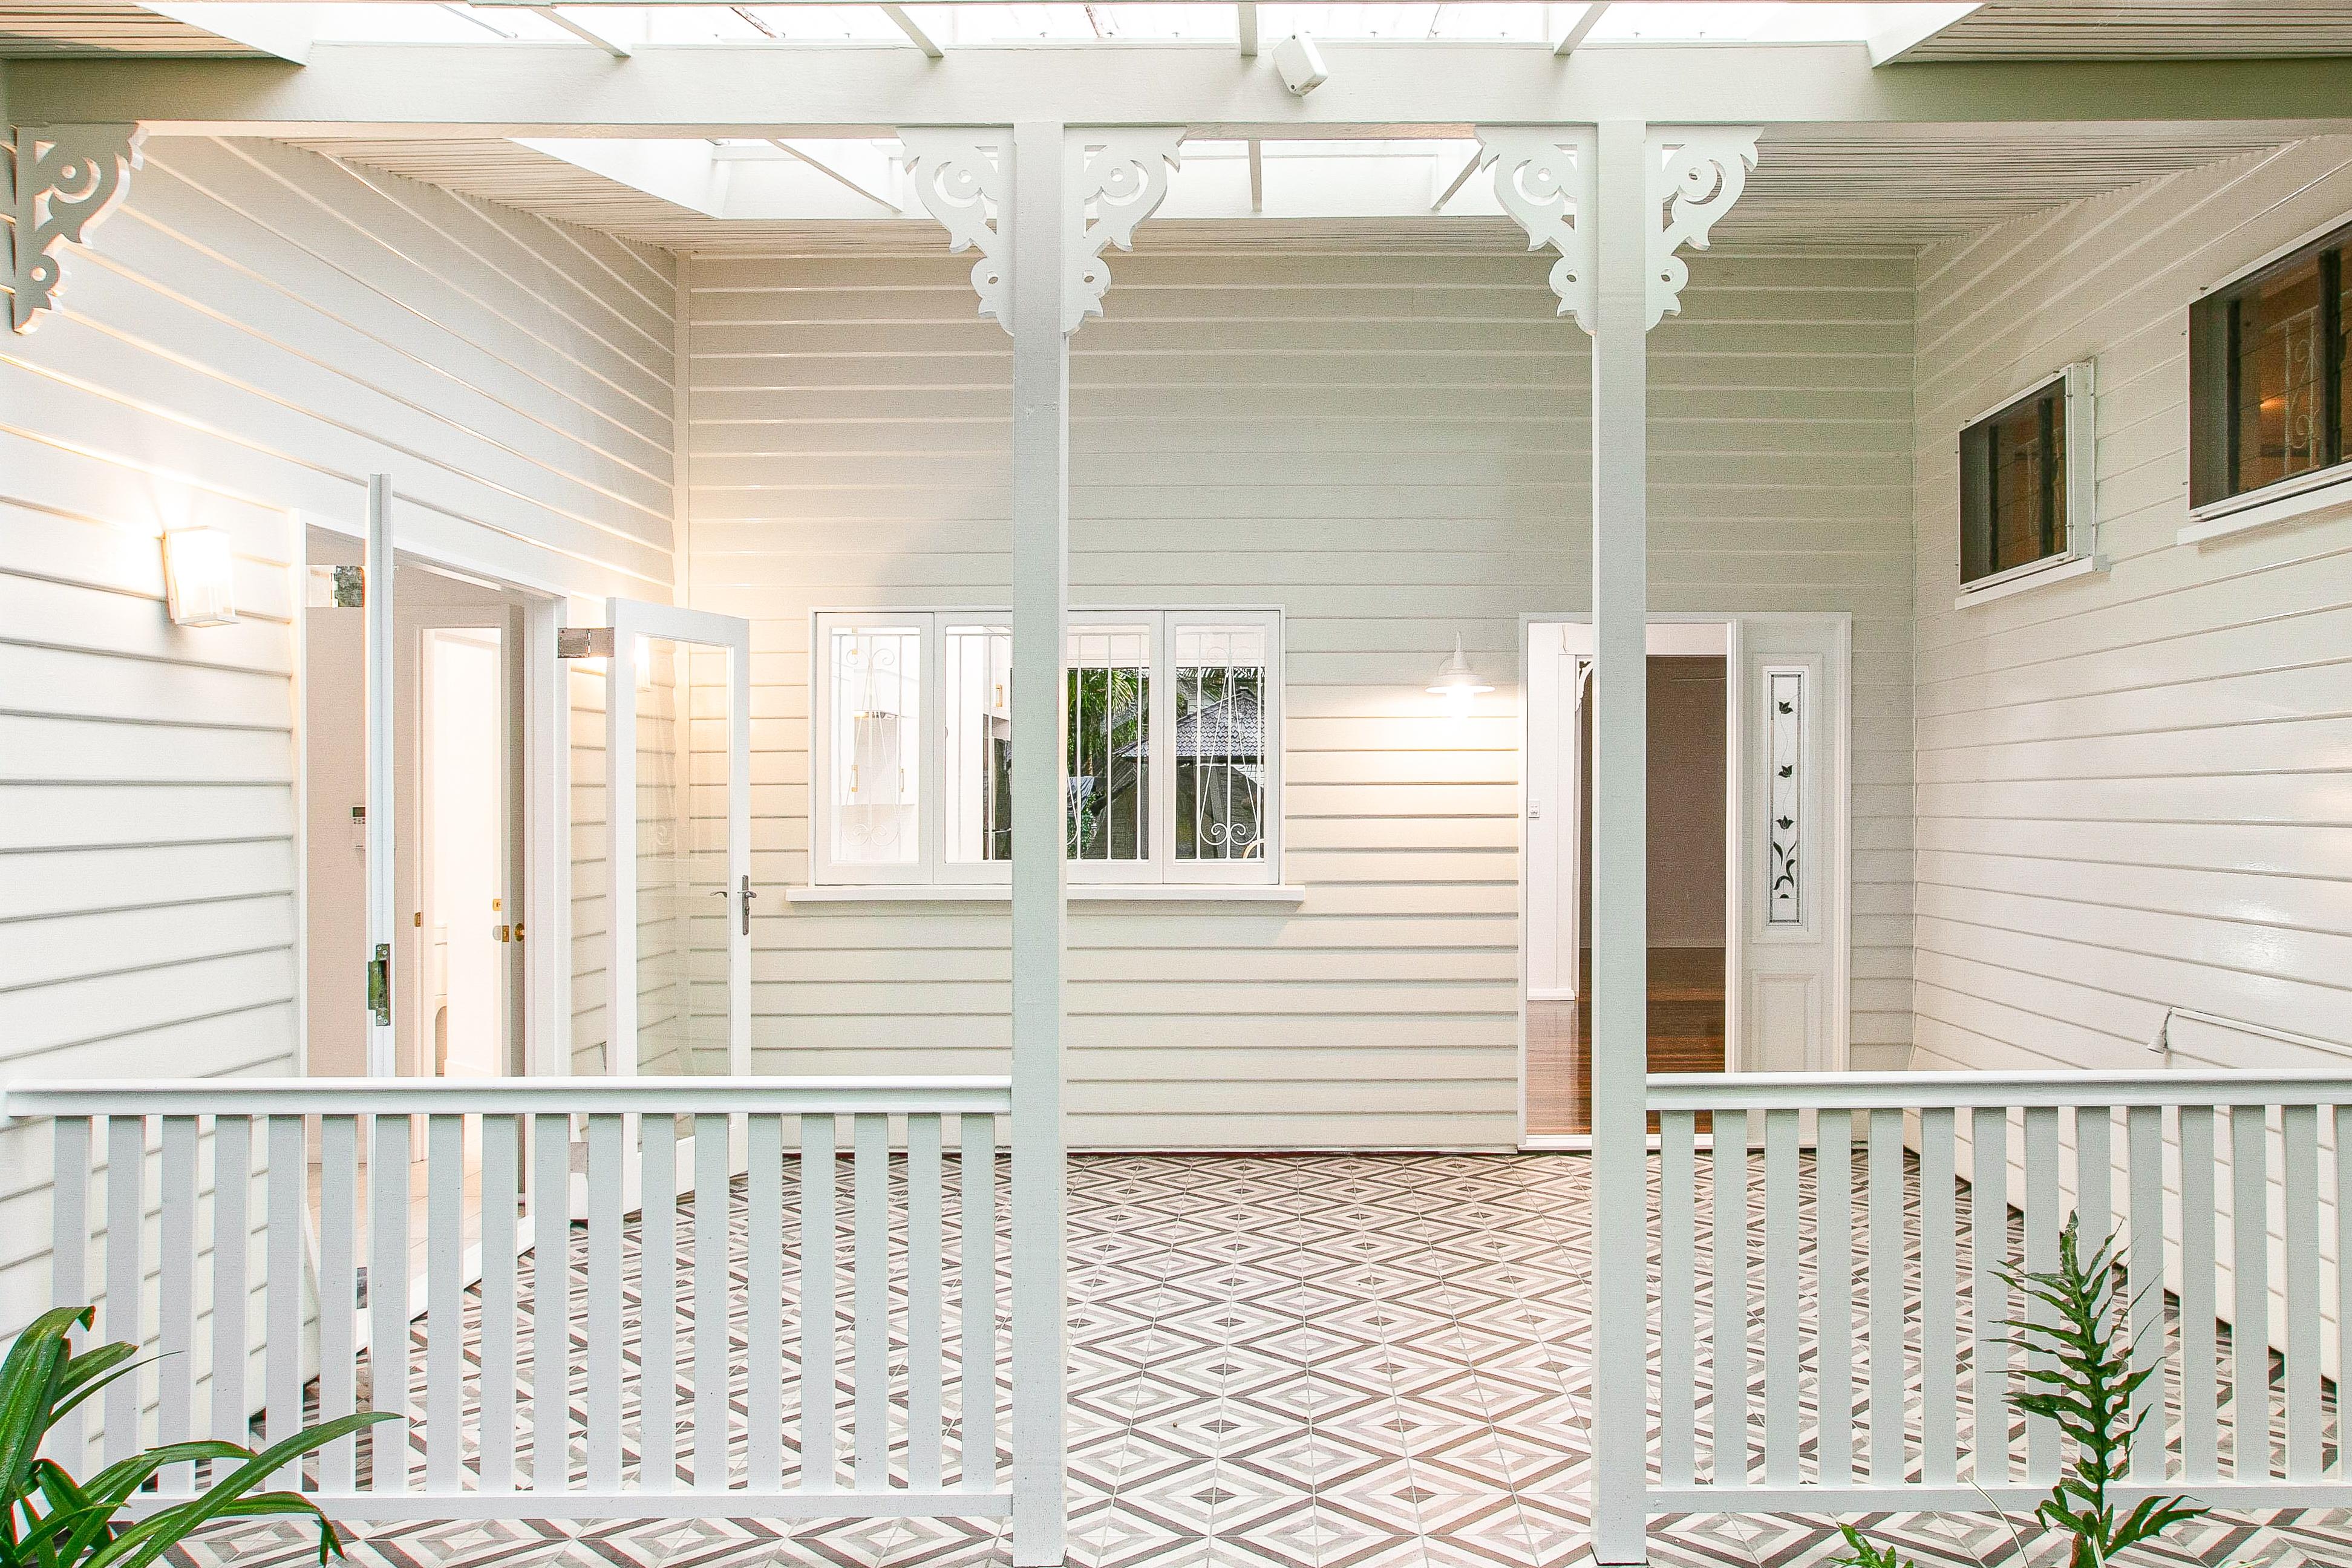 Entrance to Old Queenslander Home